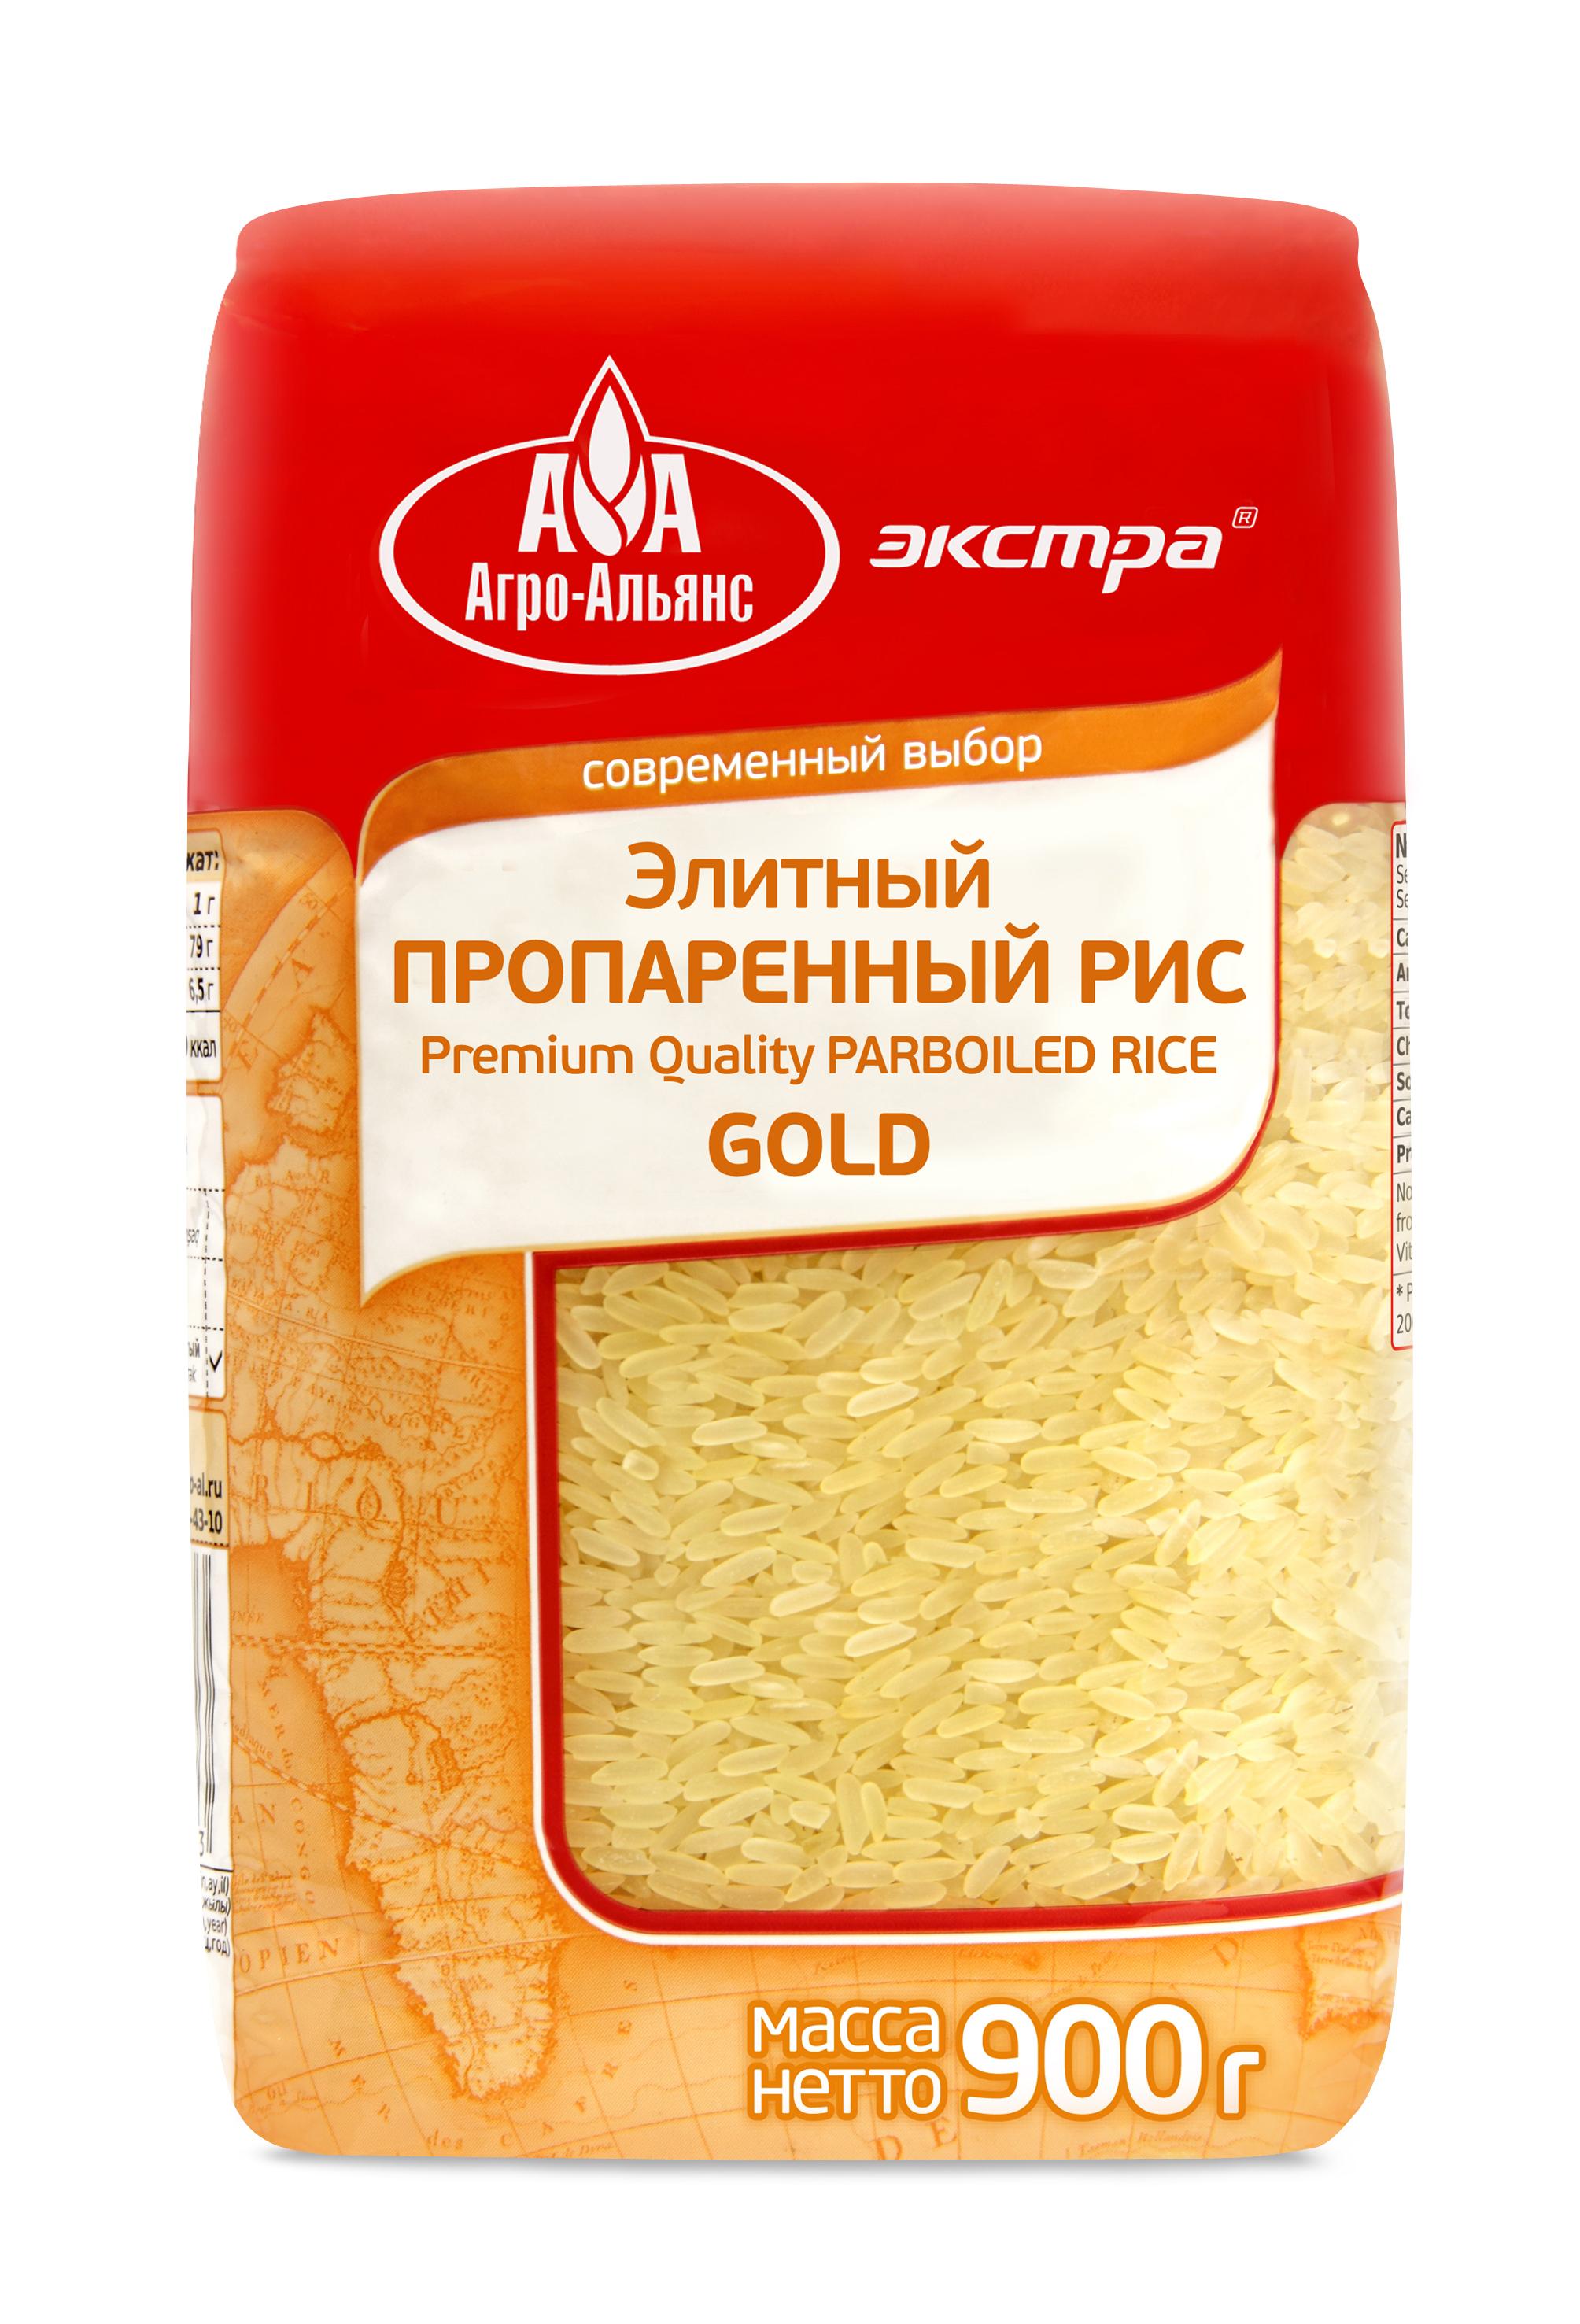 Рис Агро-Альянс элитный пропаренный GOLD Экстра, 900 г националь рис длиннозерный пропаренный золотистый 900 г